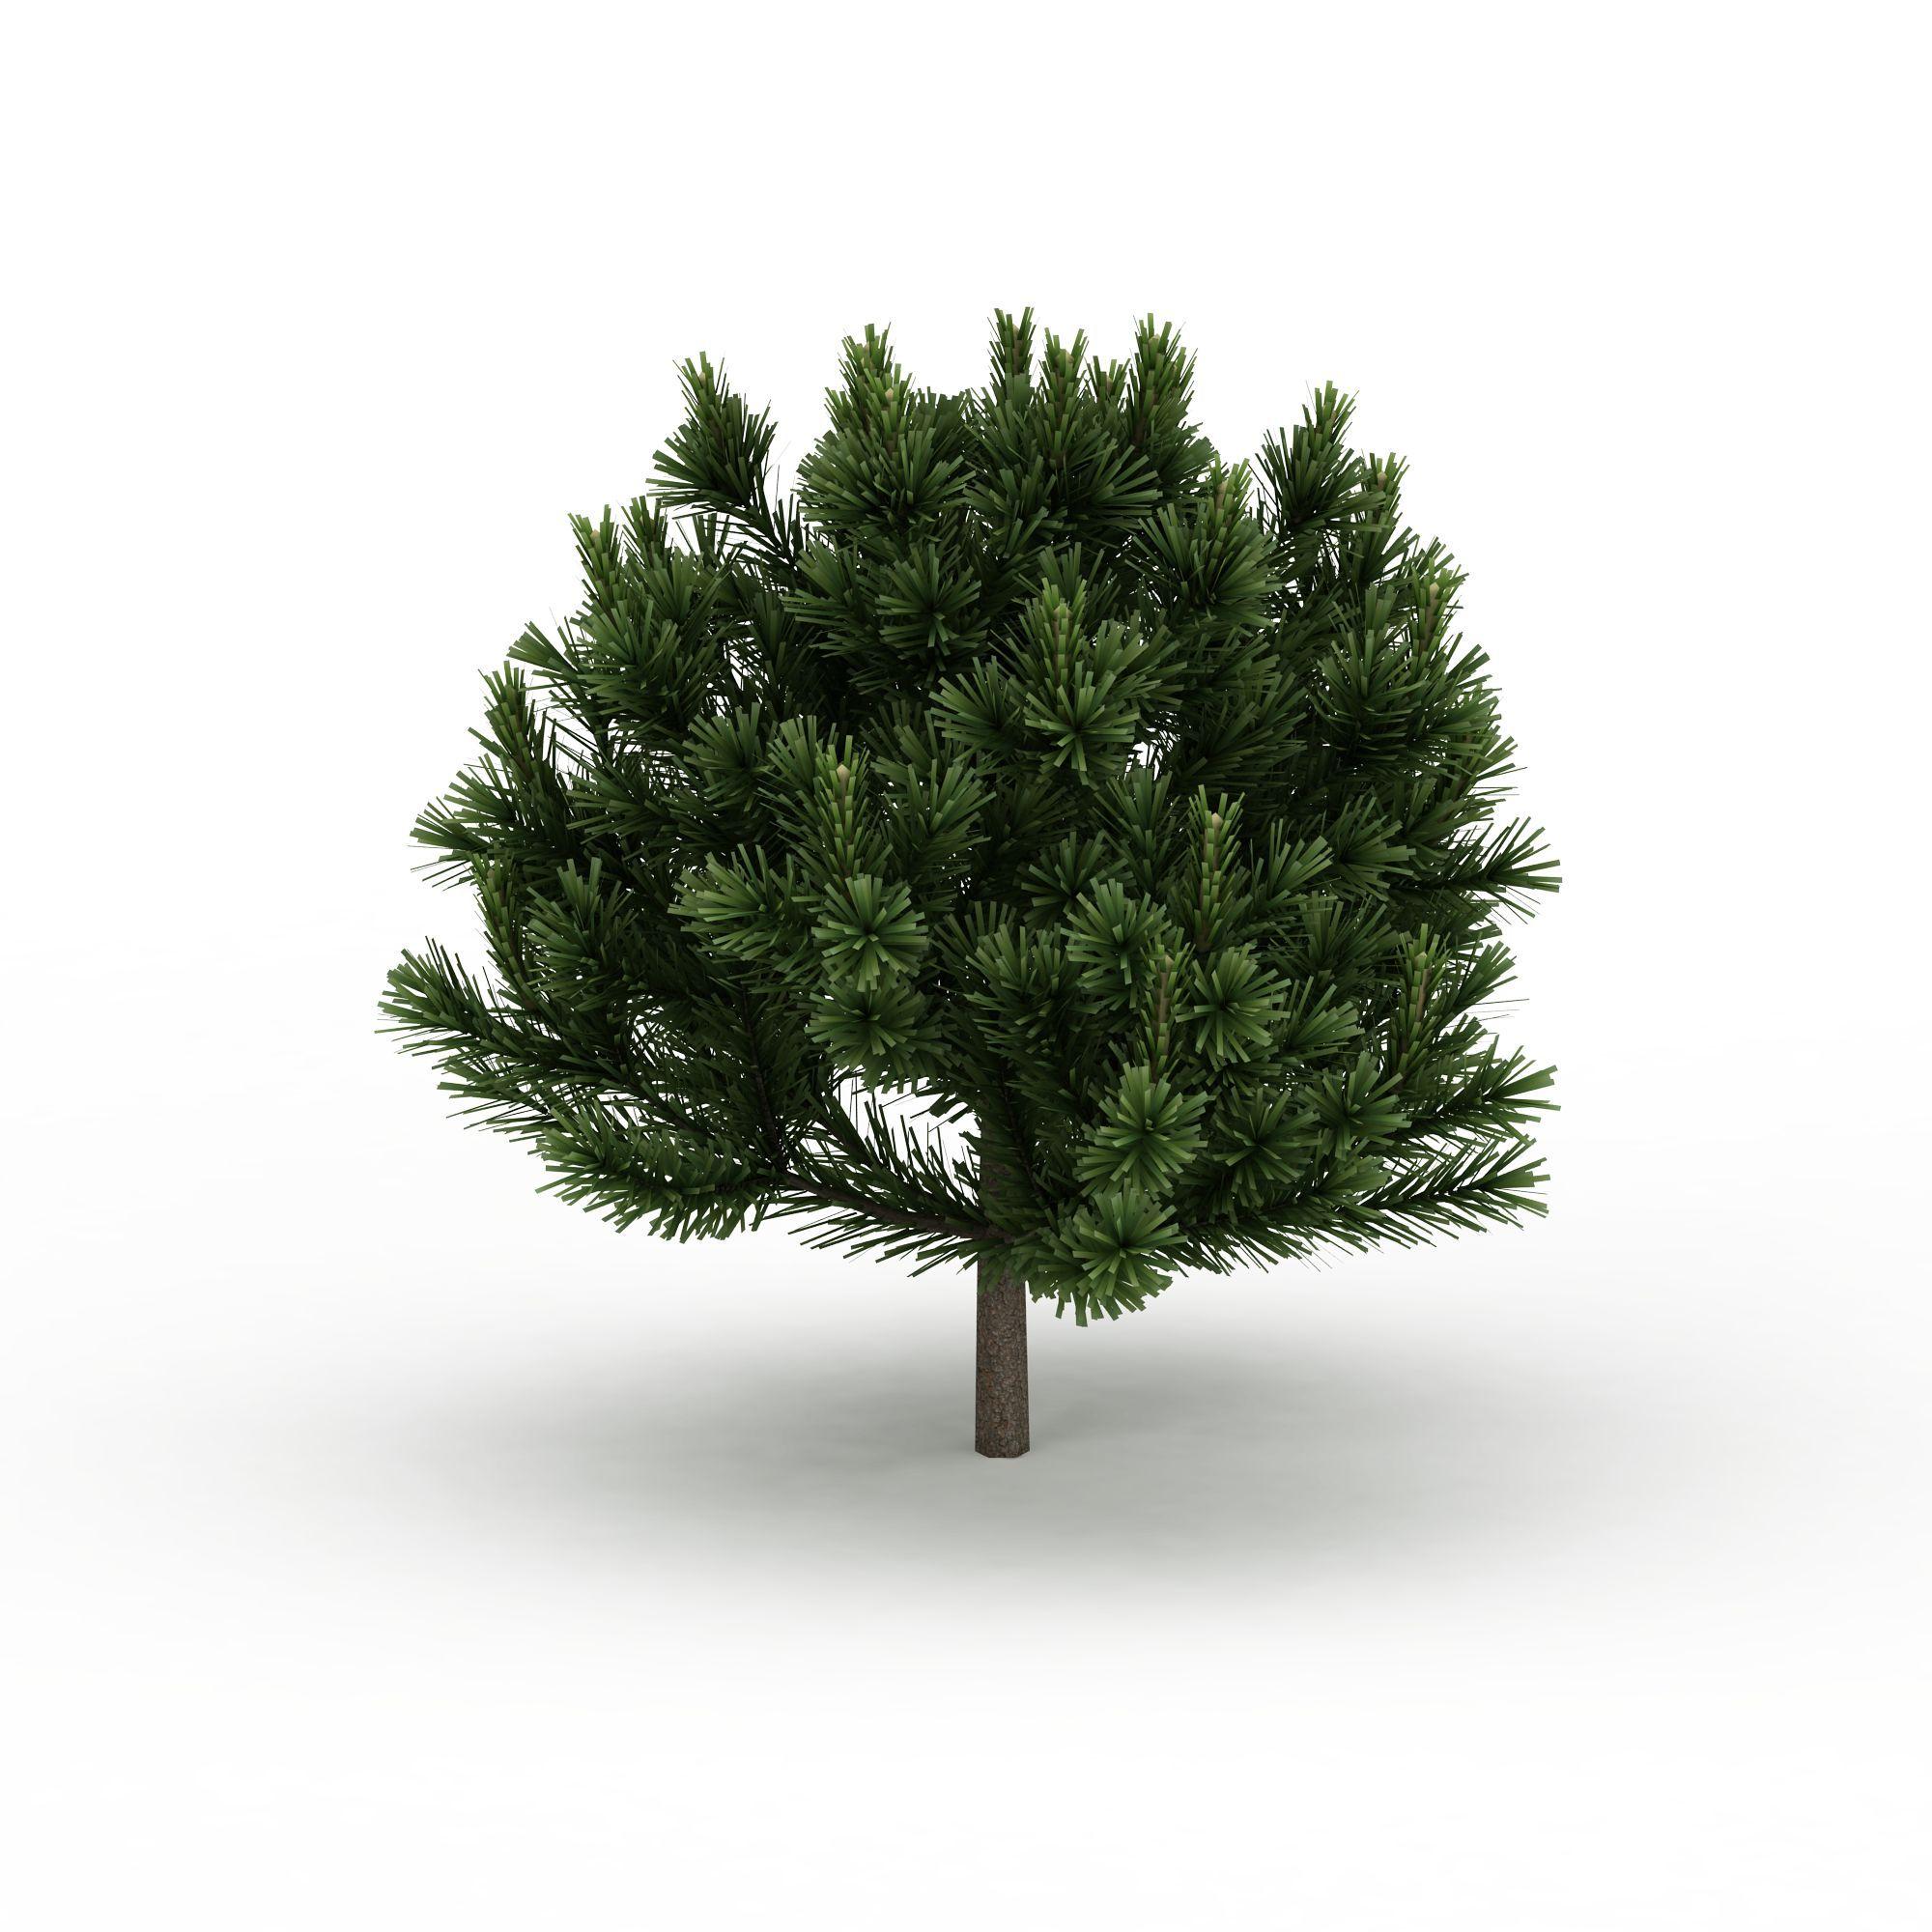 格式 png 风格 现代 上传时间 2016/03/25  关键词:松树3d模型景观树3